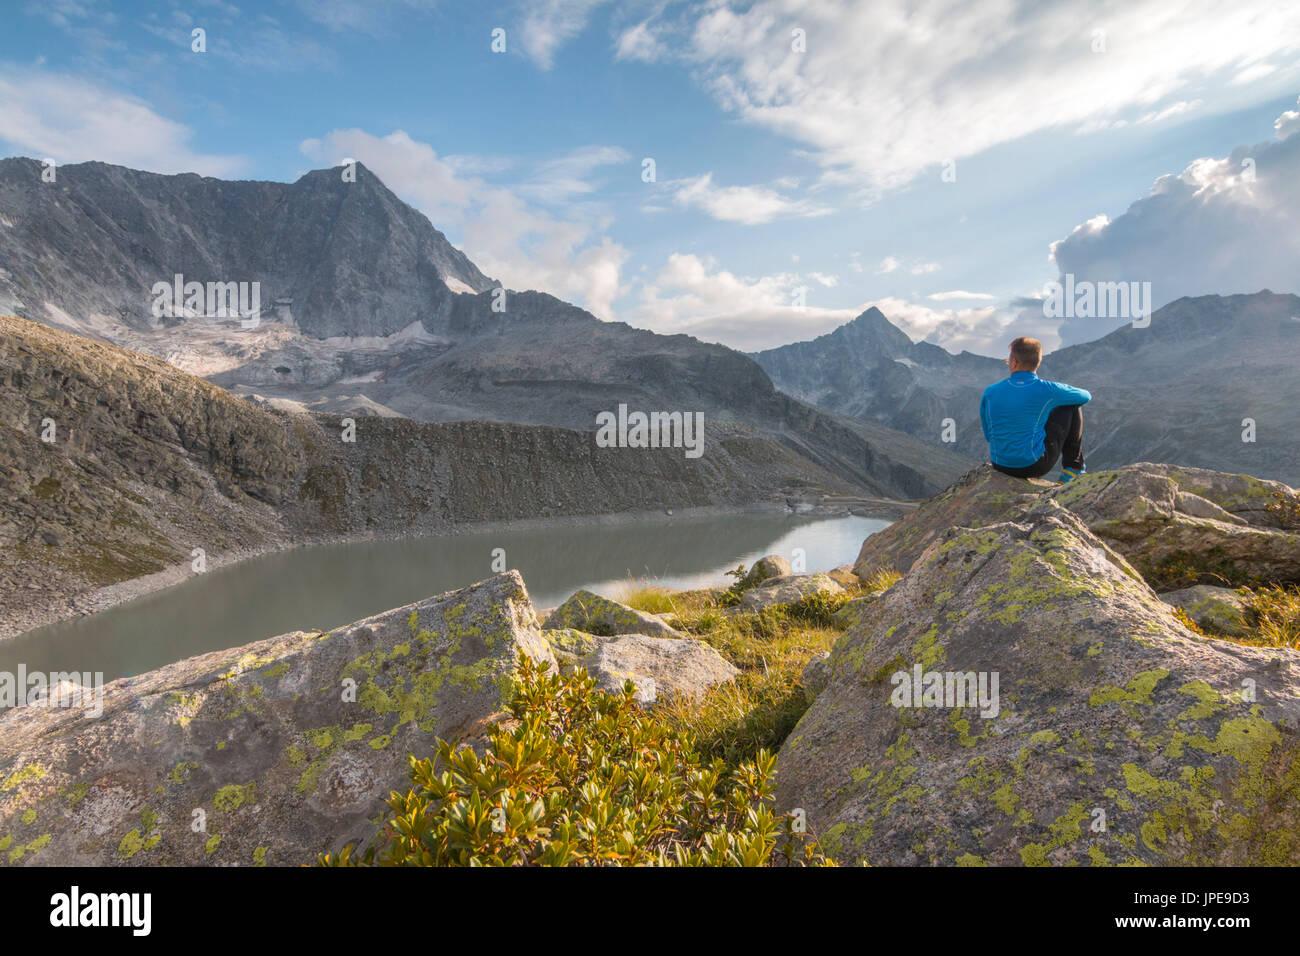 Hicker admire the Adamello Mount. Temù, Val d'Avio (Adamello Park), Brescia province, Lombardy, Italy, Europe - Stock Image